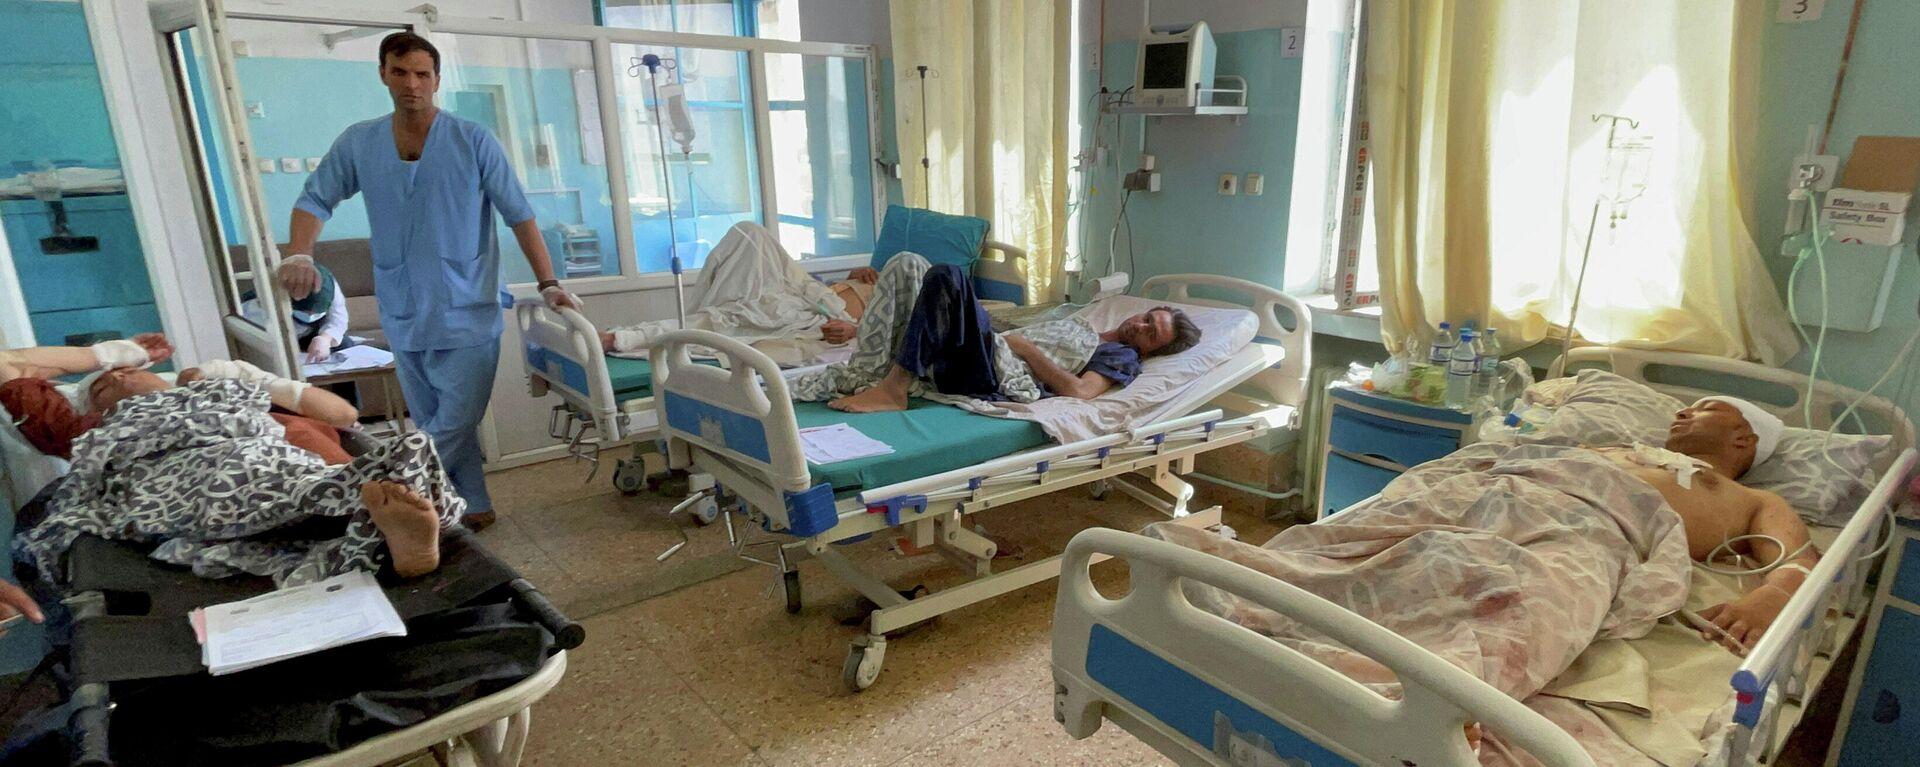 Los heridos reciben un tratamiento tras las explosiones ocurridas en el aeropuerto de Kabul, el 27 de agosto, Afganistán - Sputnik Mundo, 1920, 27.08.2021